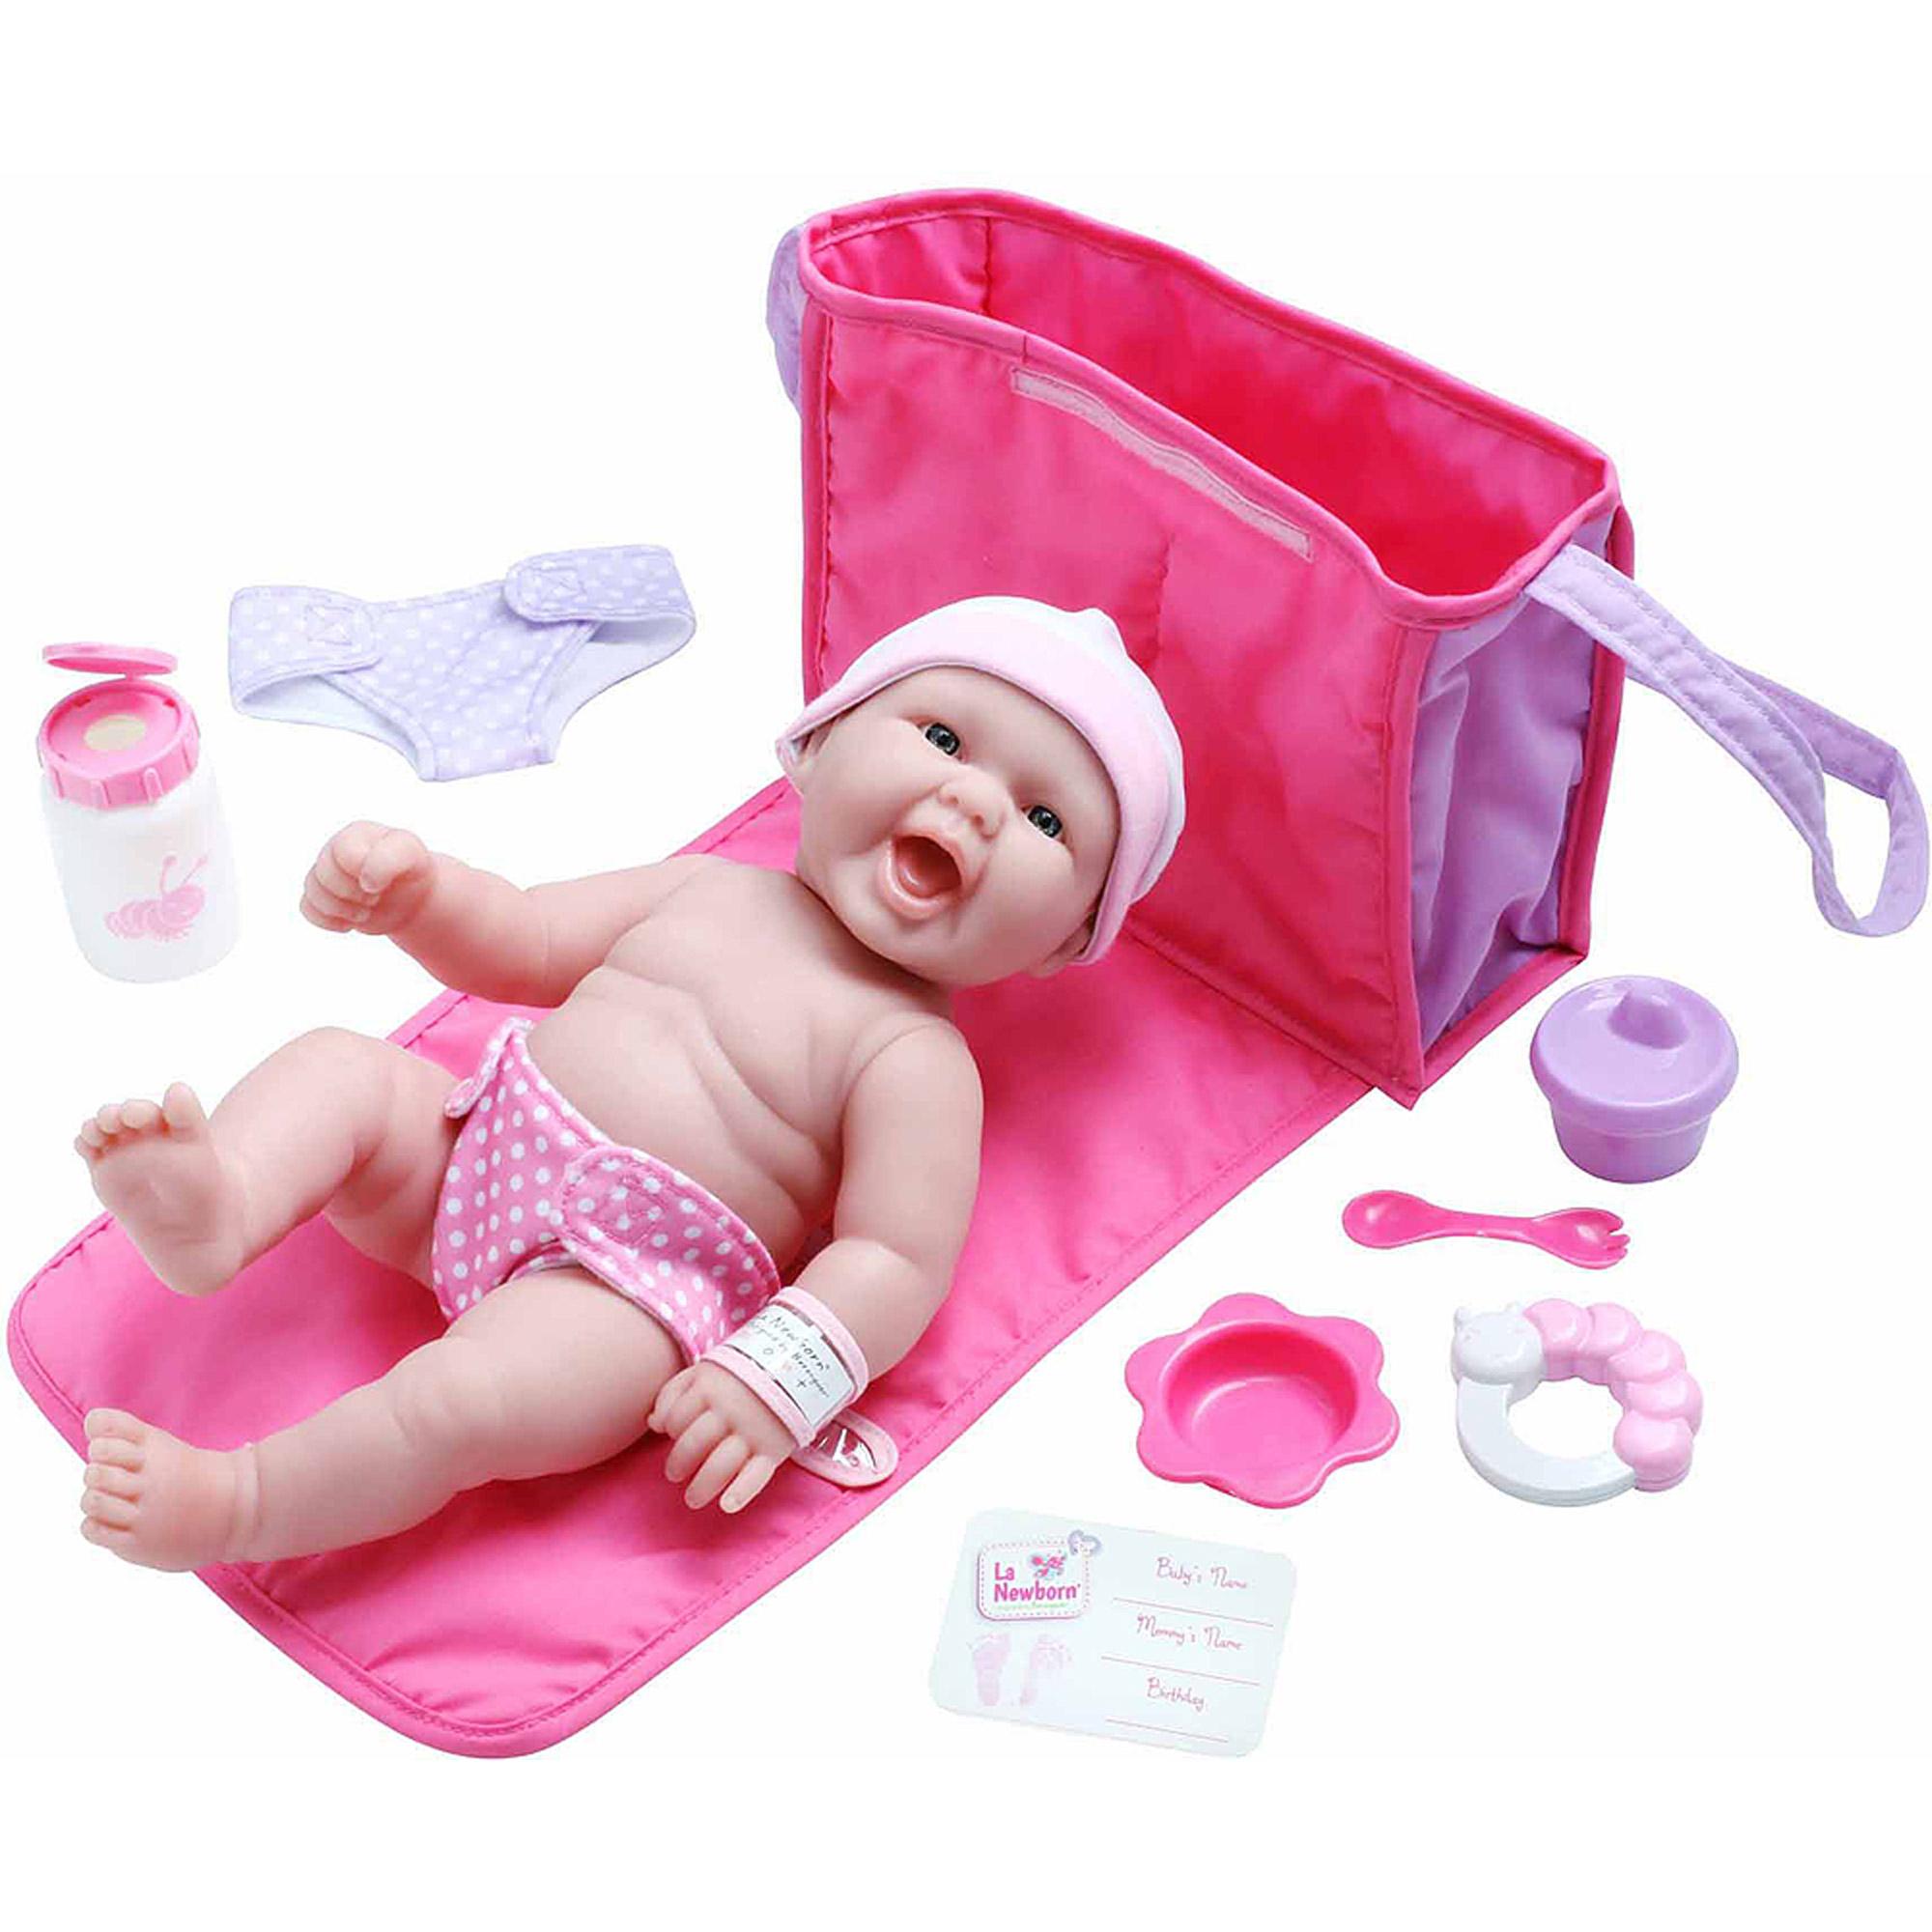 La Newborn 13 Quot Life Like All Vinyl Baby Doll Diaper Bag